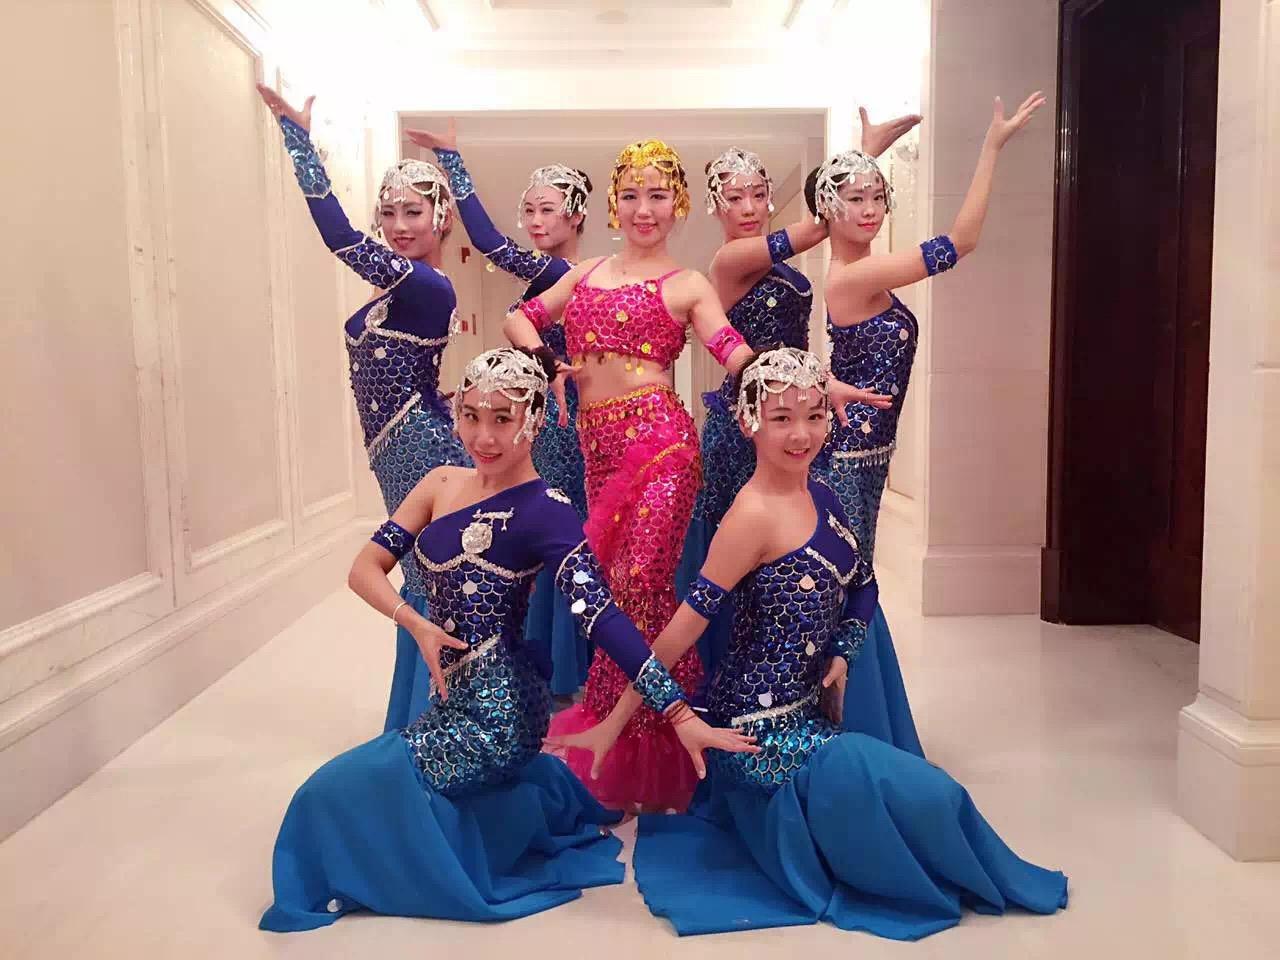 舞蹈《年年有余》的服装也是非常夺目和漂亮的,赵丽萍身着玫红色美人鱼裙,以金色鳞片为装饰,其他演员身着蓝色美人鱼裙以银色鳞片为装饰,在蓝色的海洋背景中,加上色彩斑斓的灯光变幻,演员们随歌而舞、扭动腰肢,呈现出一派鱼跃欢腾、生机勃勃的景象,共同勾勒出一幅美轮美奂的画面。鱼跃欢腾景象《年年有余》是一个制作精美,质量很高的舞蹈作品,具有表现力的舞姿感染了现场每一个人,仿佛让人看到了丰收的情景,再次拥有的喜悦的心情。  演出服装  演出服装展示  演出图片  舞台整体灯光效果